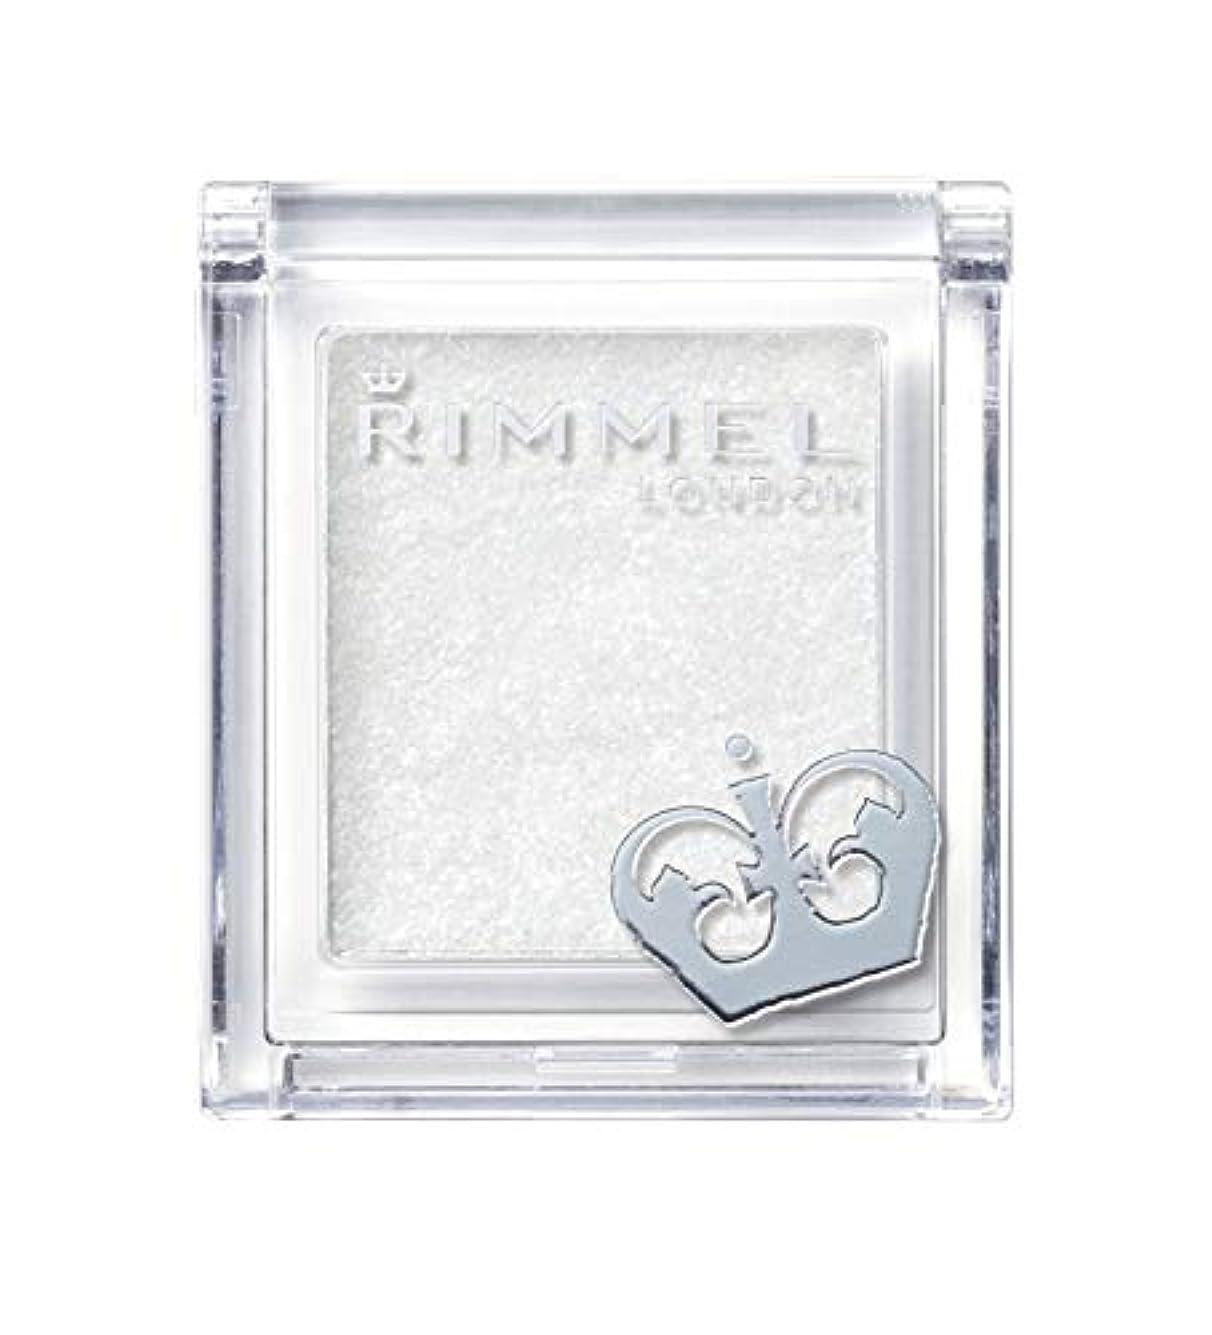 タイト警告するファントムリンメル プリズムパウダーアイカラー 001 ダイヤモンドホワイト 1.5g